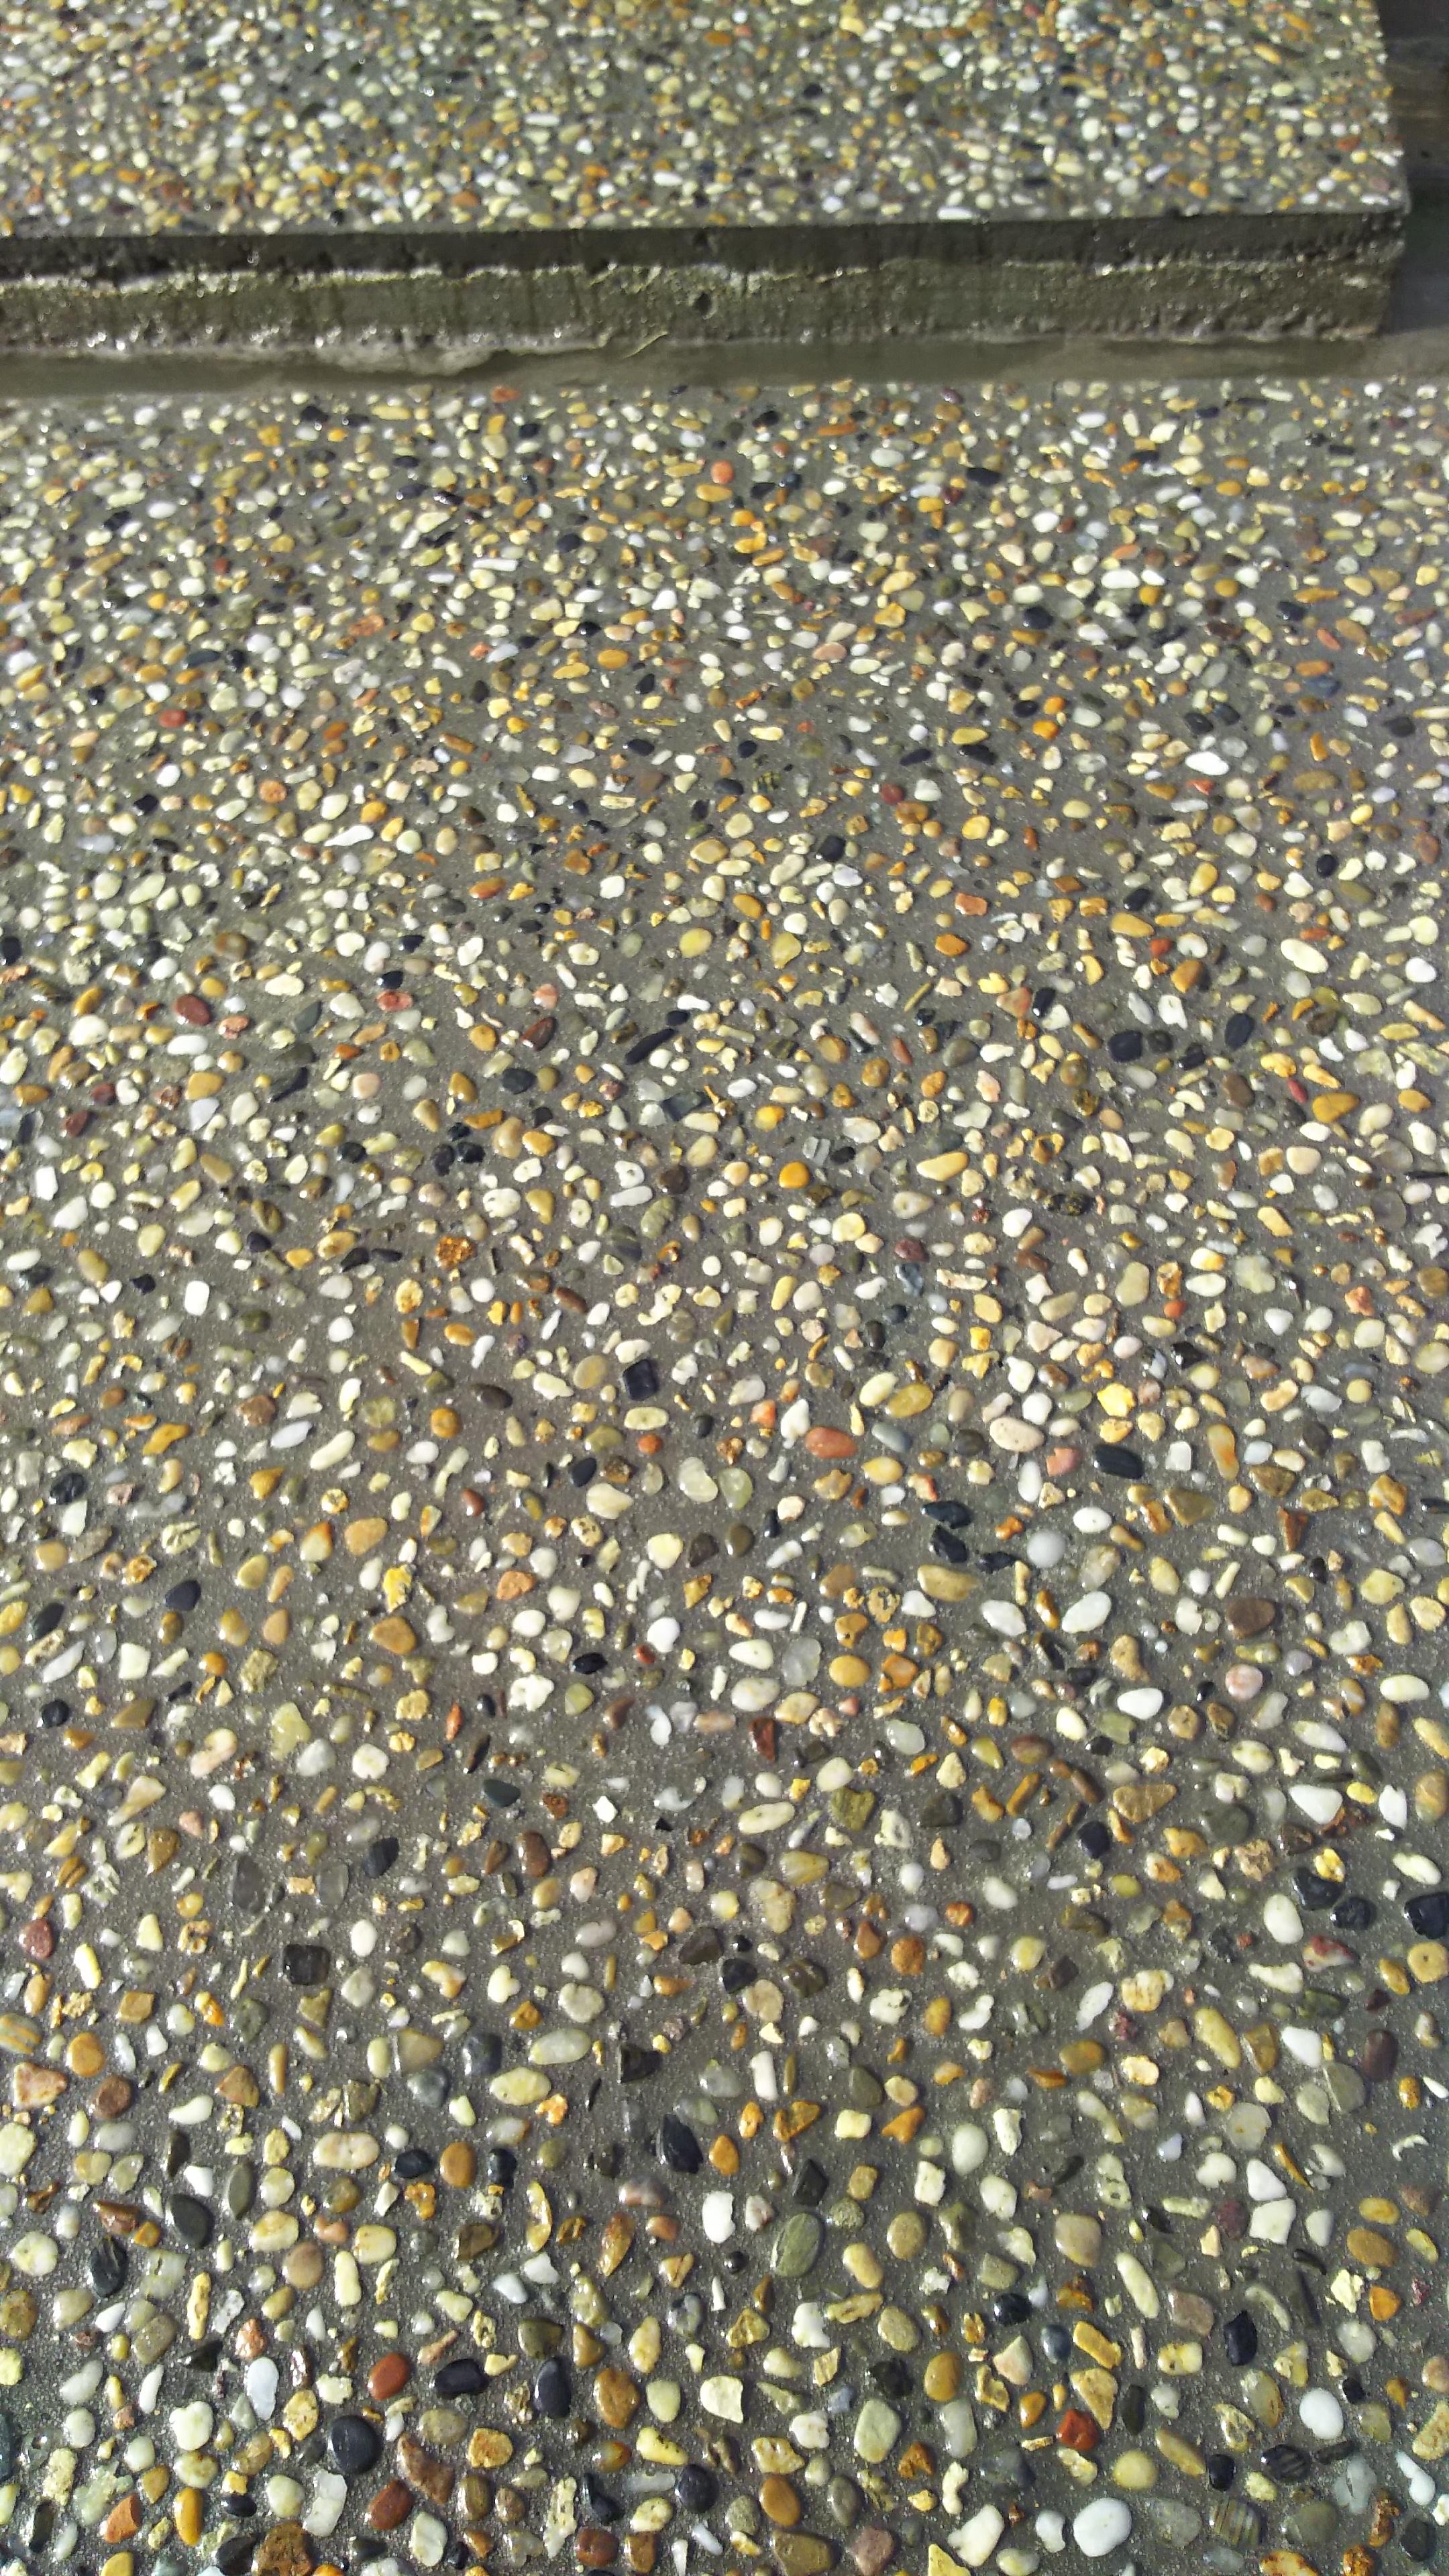 土間玉砂利洗い出し仕上げ